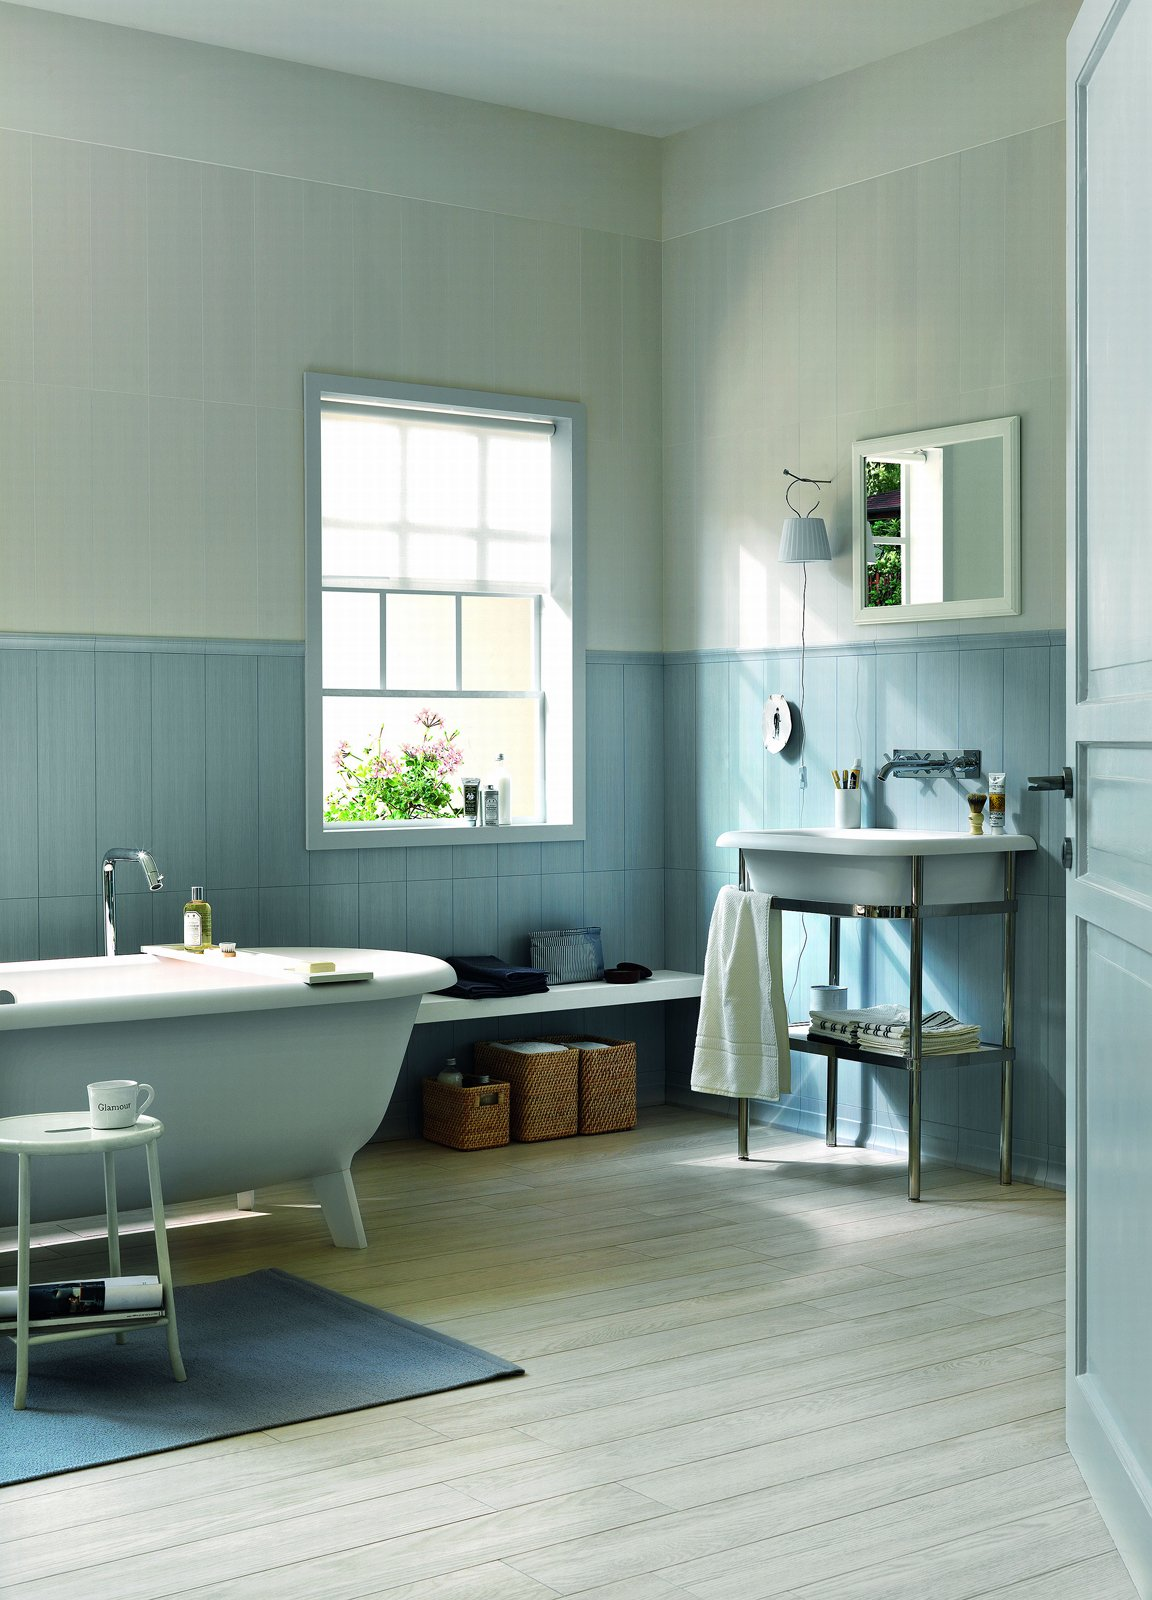 Piastrelle per il bagno tre stili diversi cose di casa for Ceramiche per bagno moderno